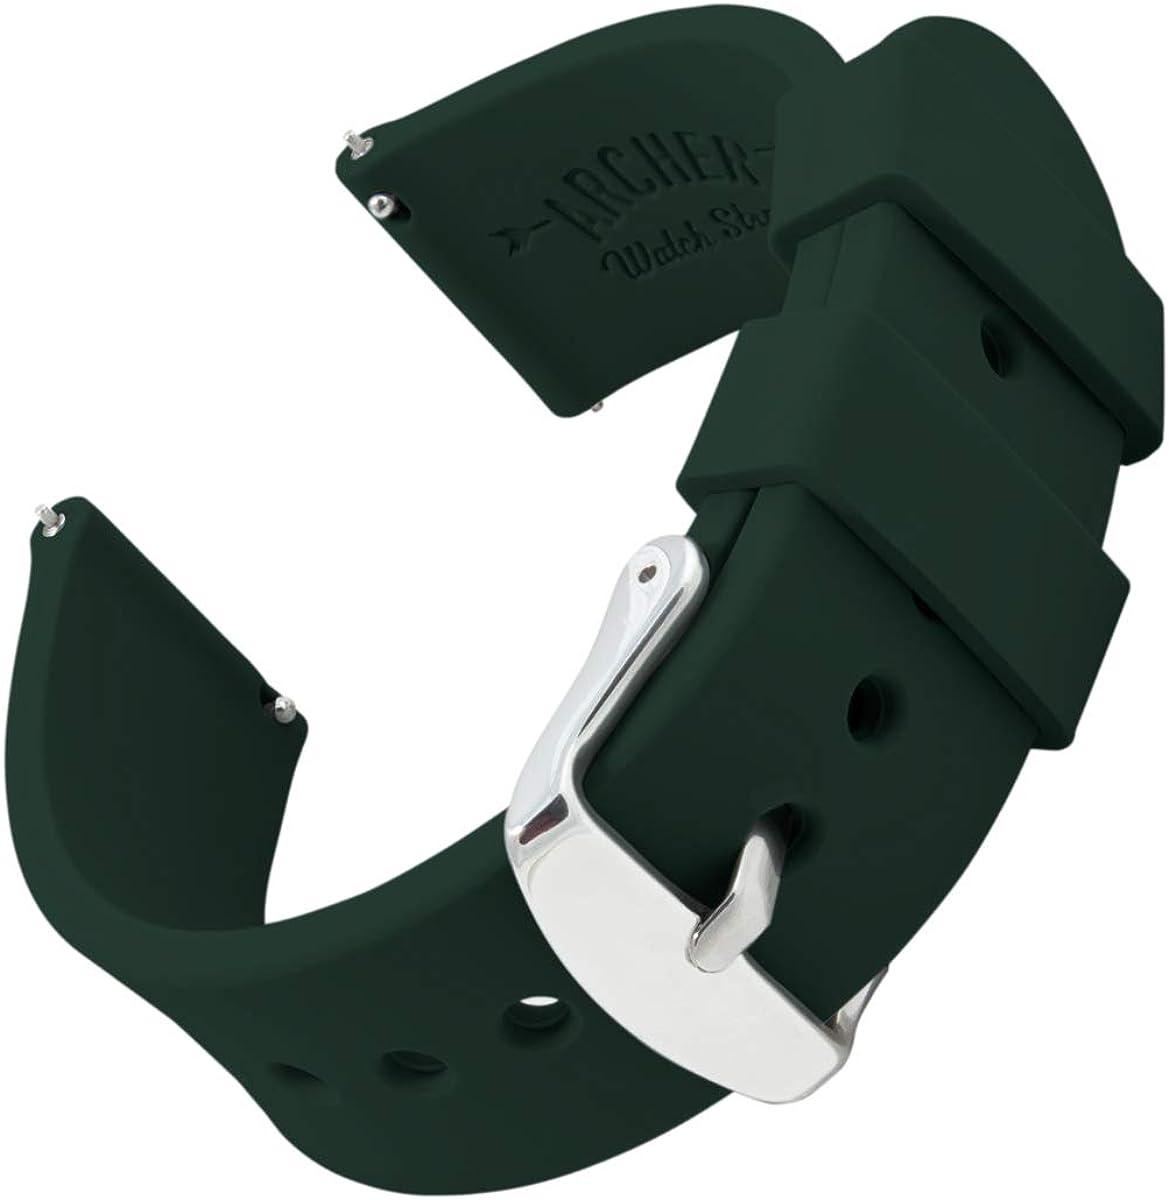 Archer Watch Straps | Repuesto de Correa Reloj de Silicona para Hombre y Mujer, Caucho Fácil de Abrochar para Relojes y Smartwatch, 16mm, 18mm, 20mm, 22mm, 24mm